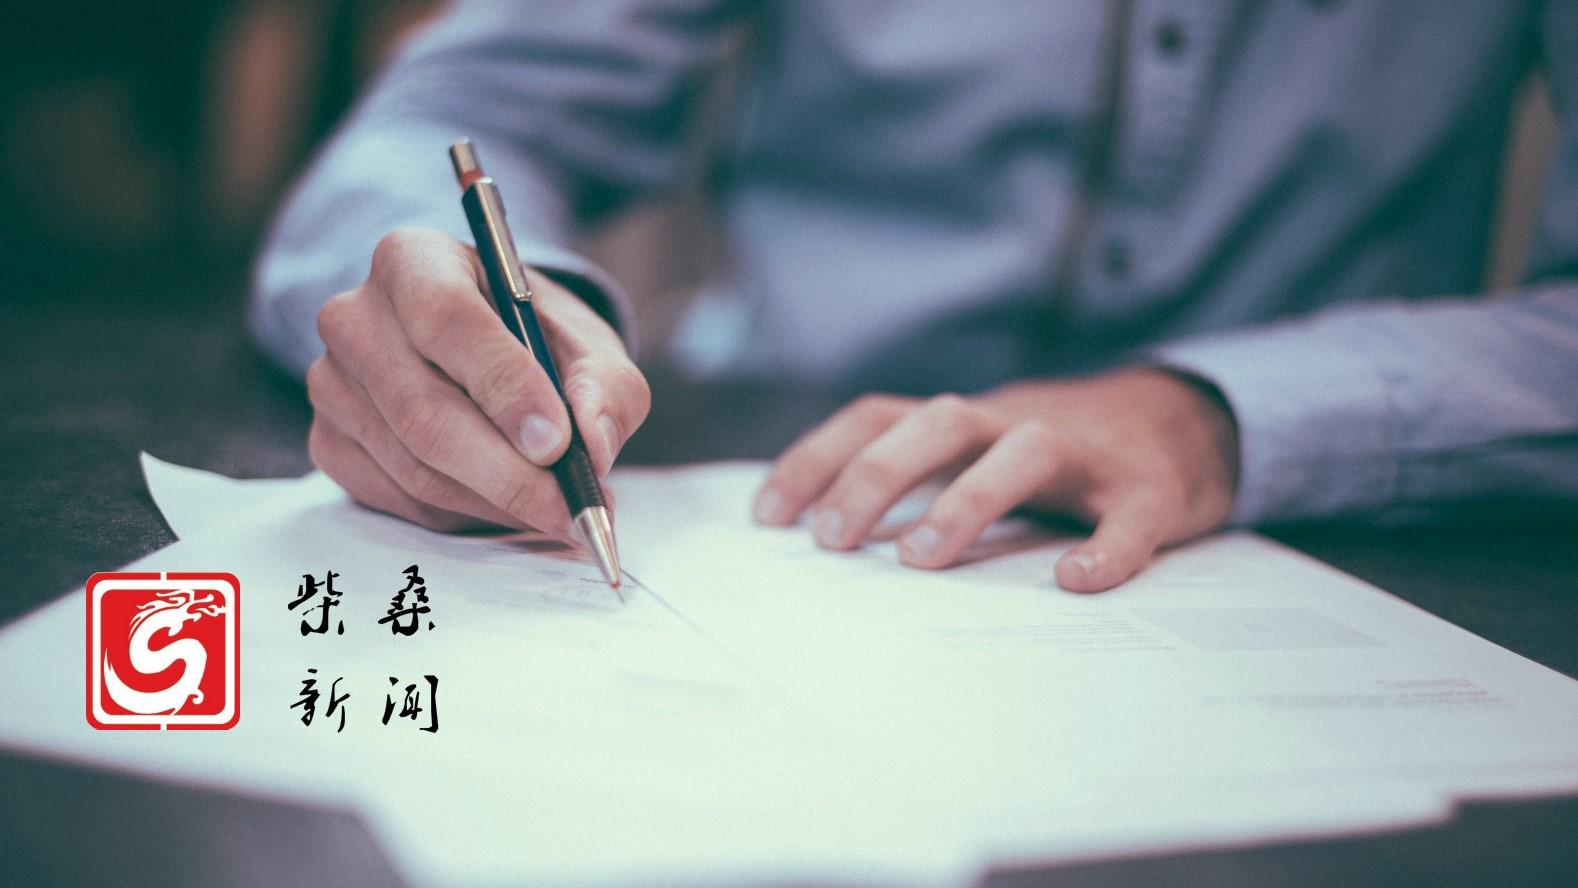 【柴桑新闻】浔阳区政协副主席高荃一行莅临我所指导工作